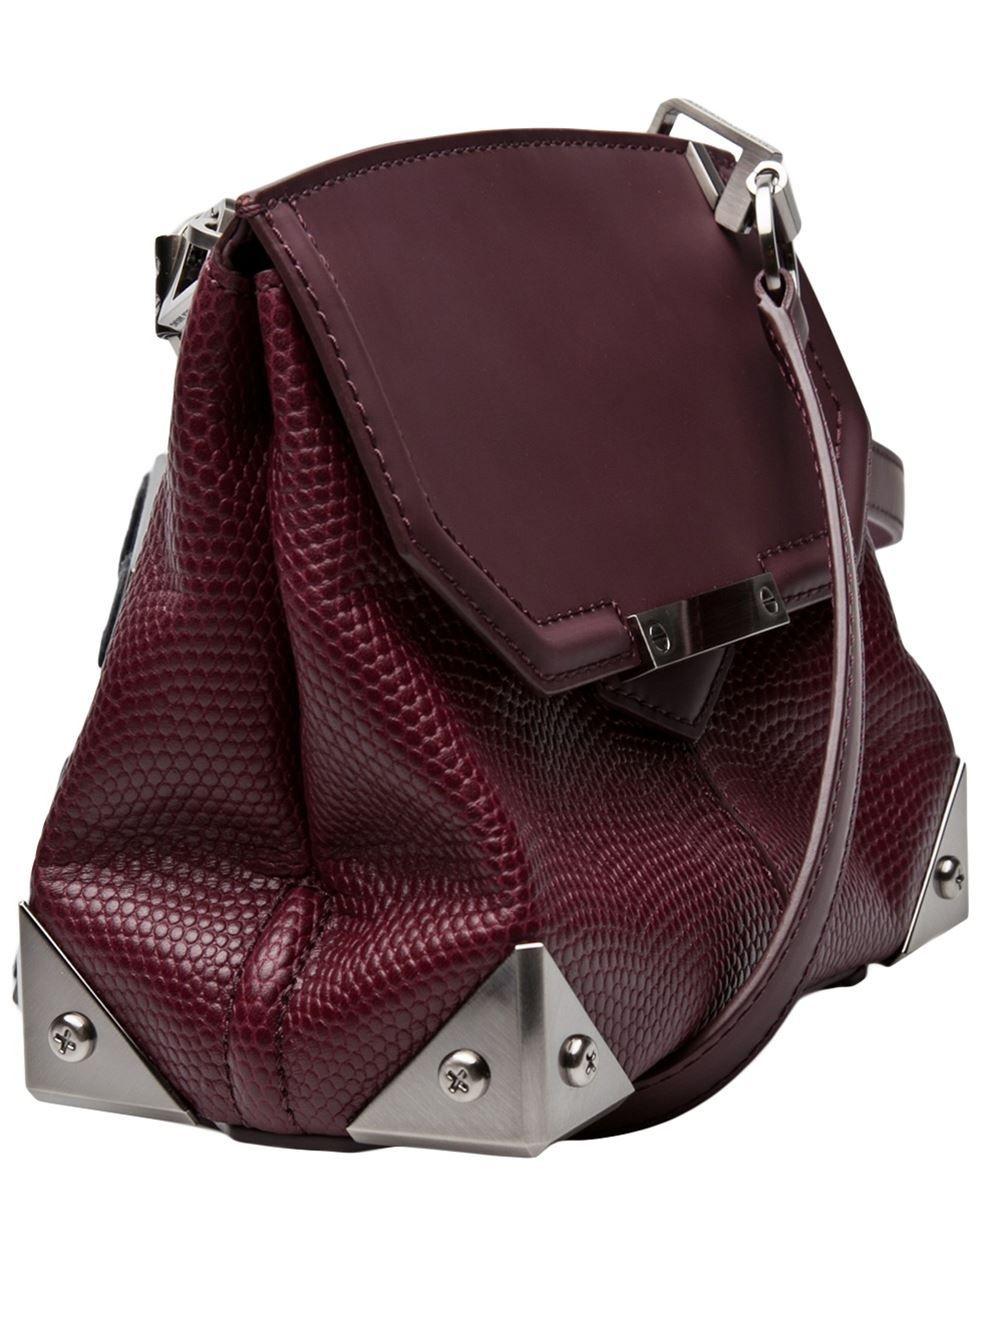 Alexander Wang Marion Bag - - Farfetch.com